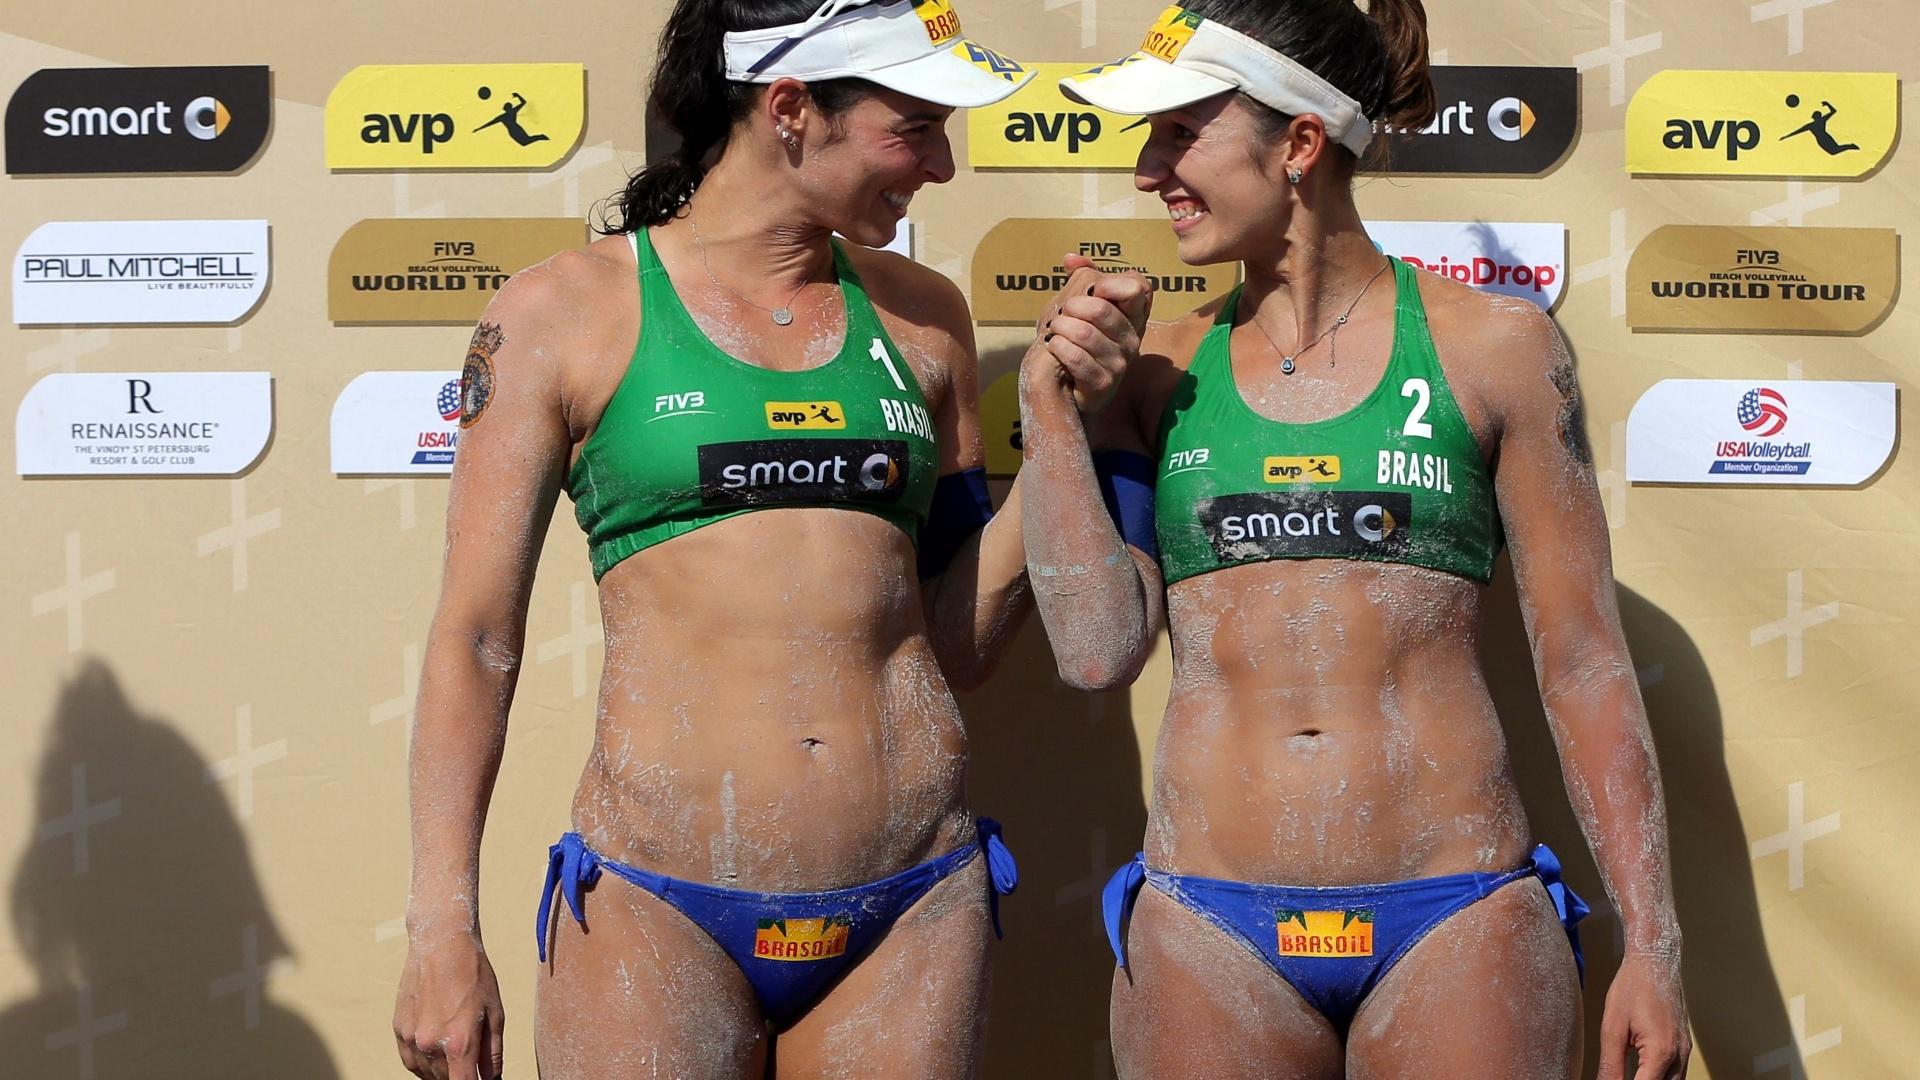 2015 - A moda praia entra mais uma vez no esporte. Agora, com os lacinhos na parte inferior do biquíni